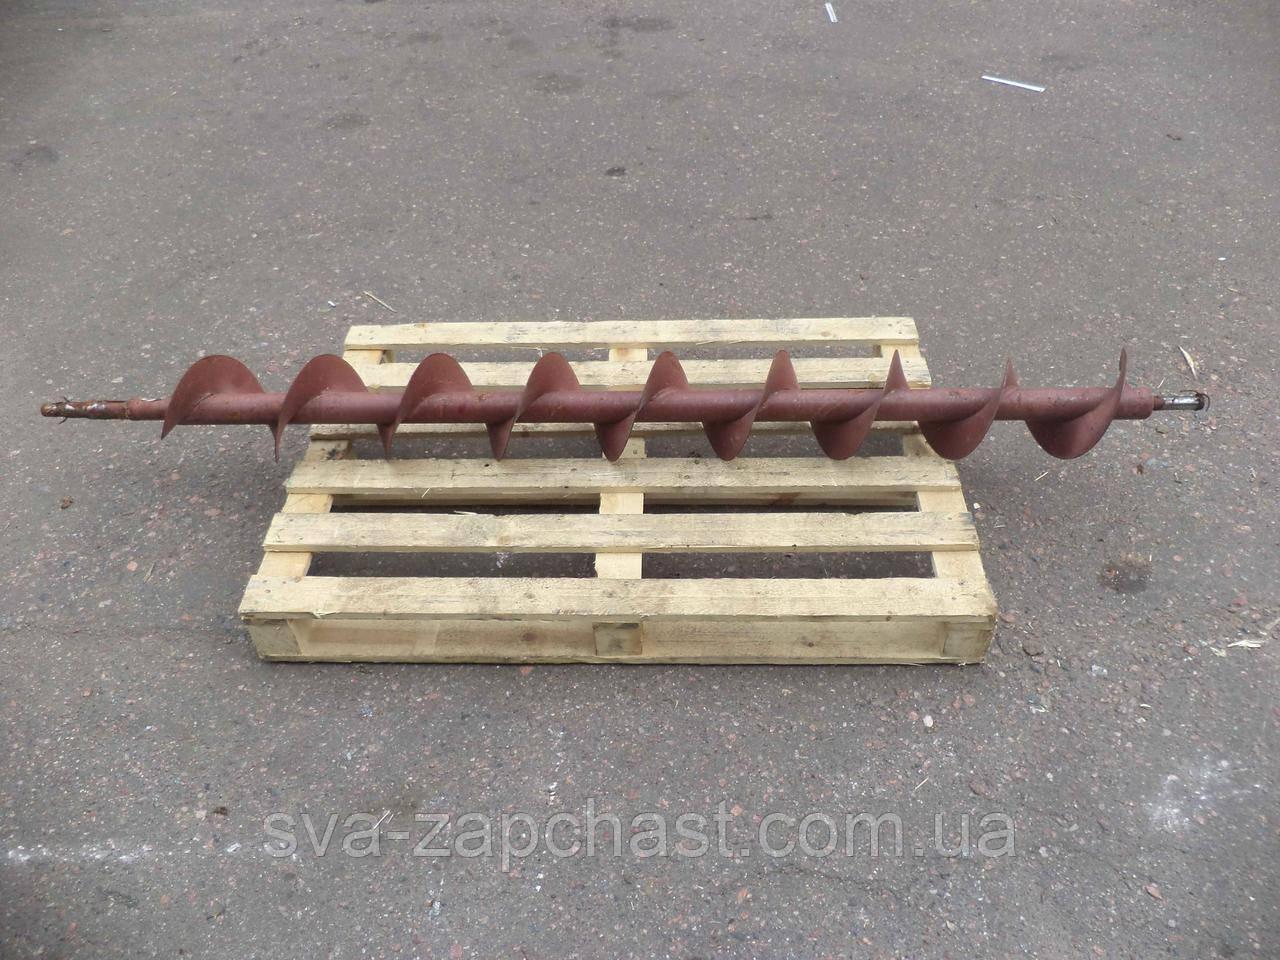 Шнек колосовой РСМ-10.01.05.100А Дон-1500 РСМ-10Б.01.05.100